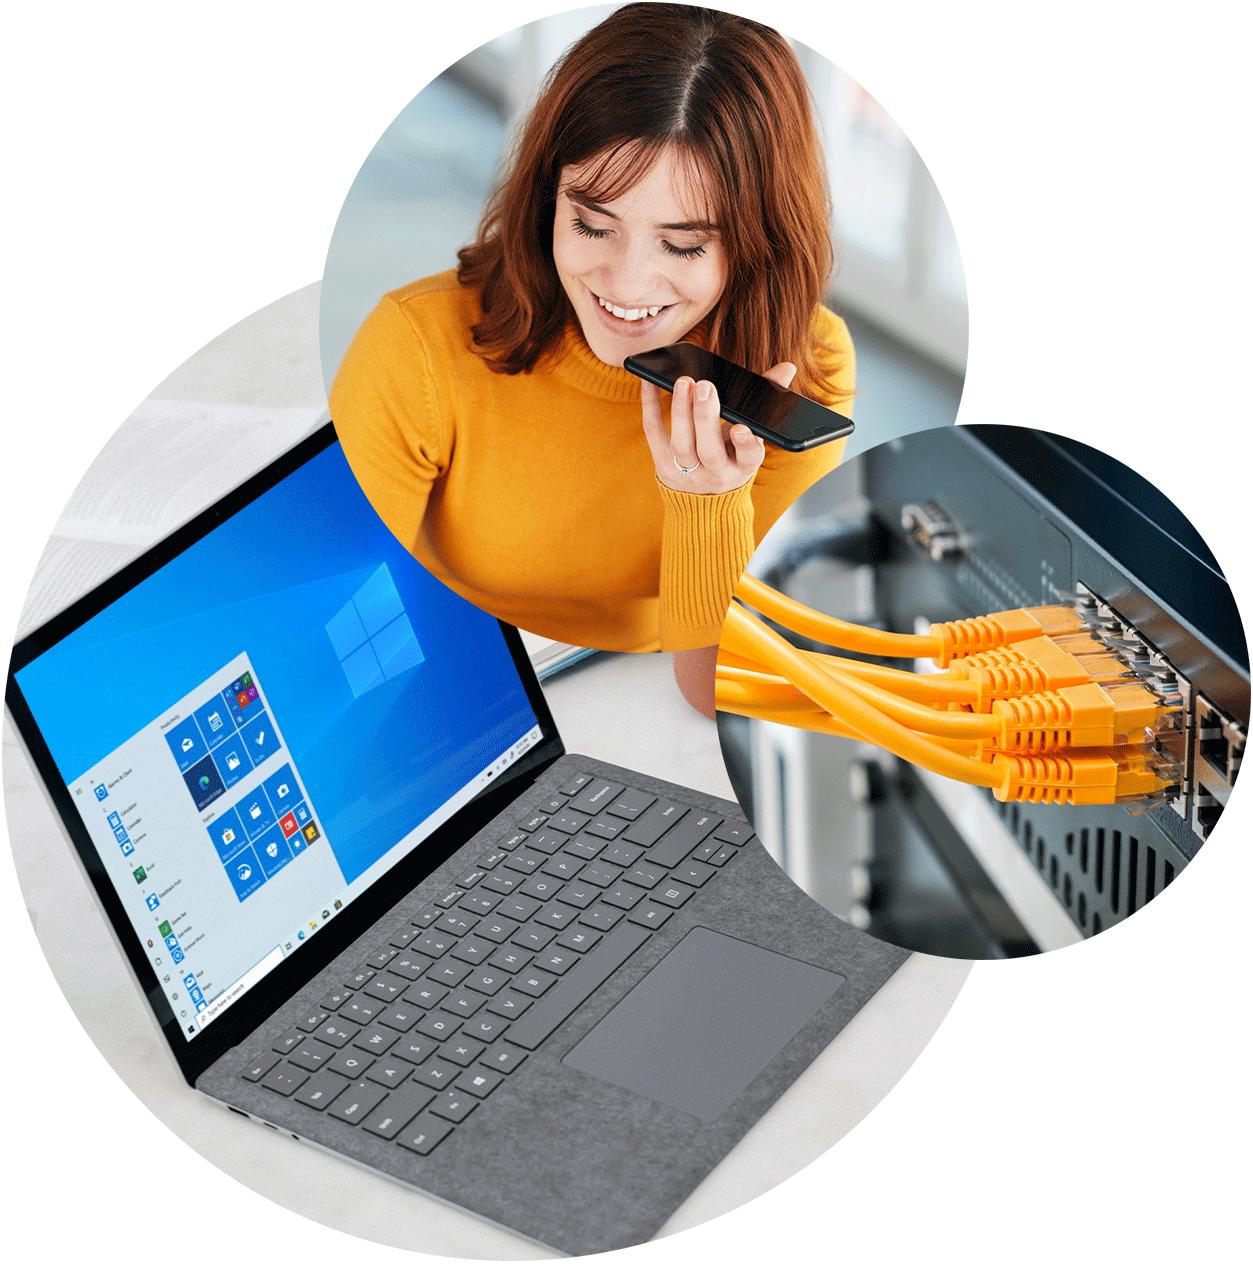 Dreiklang der Microsoft Power BI Leistungsseite bestehend aus drei runden Bildern. Auf dem ersten ist ein Laptop, auf dem zweiten eine Frau im orangen Pullover, die telefoniert und auf dem dritten ein oranges Netzwerkkabel.